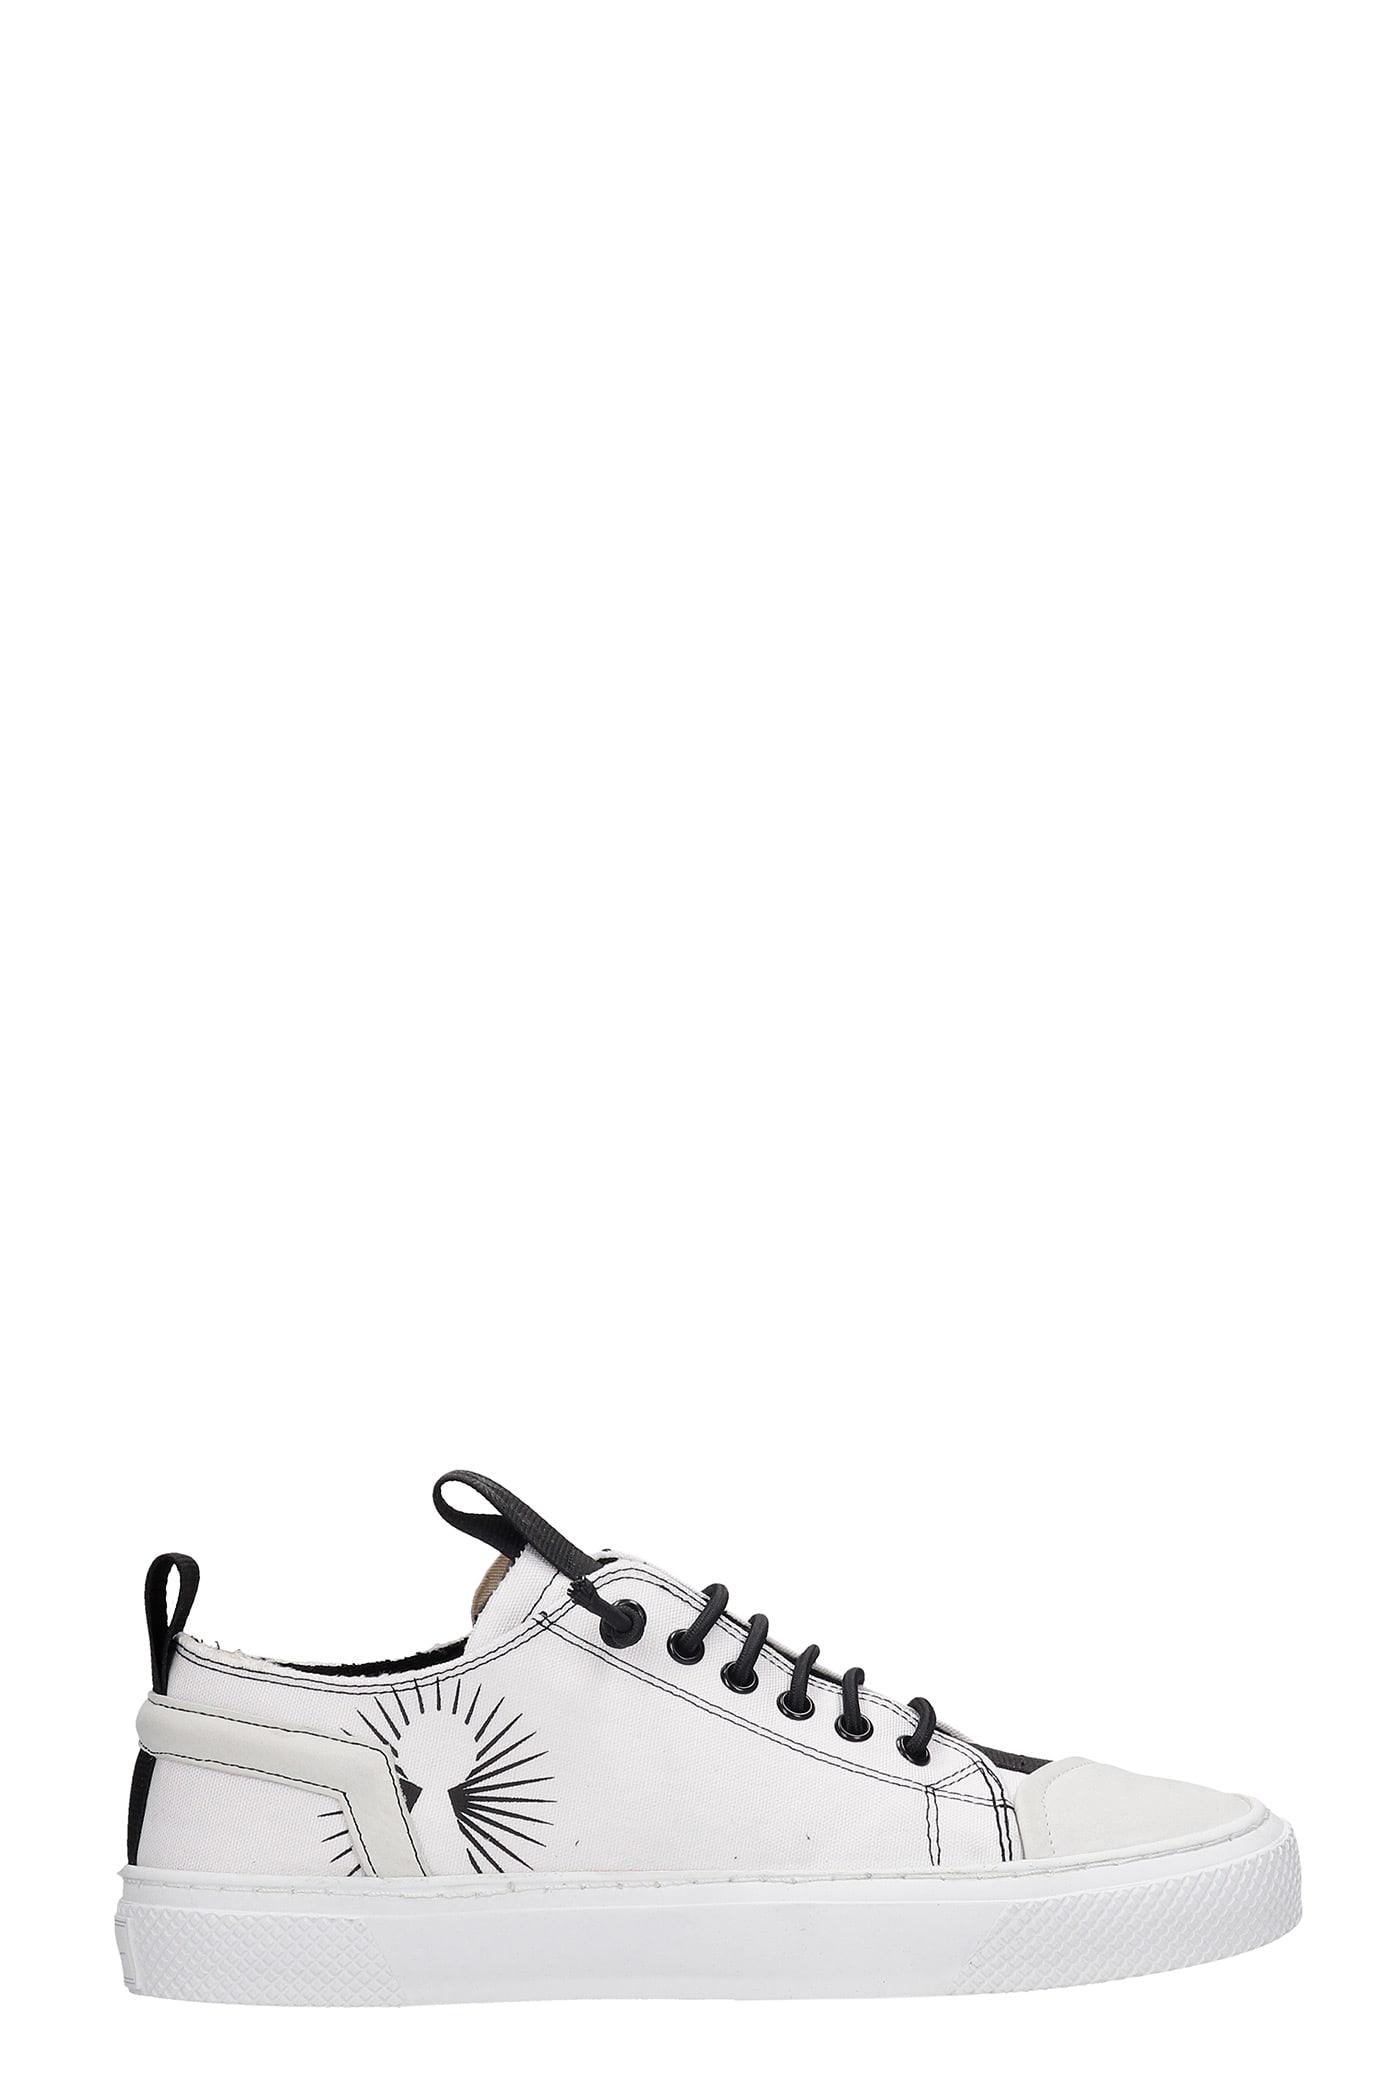 Cecca Sneakers In White Canvas